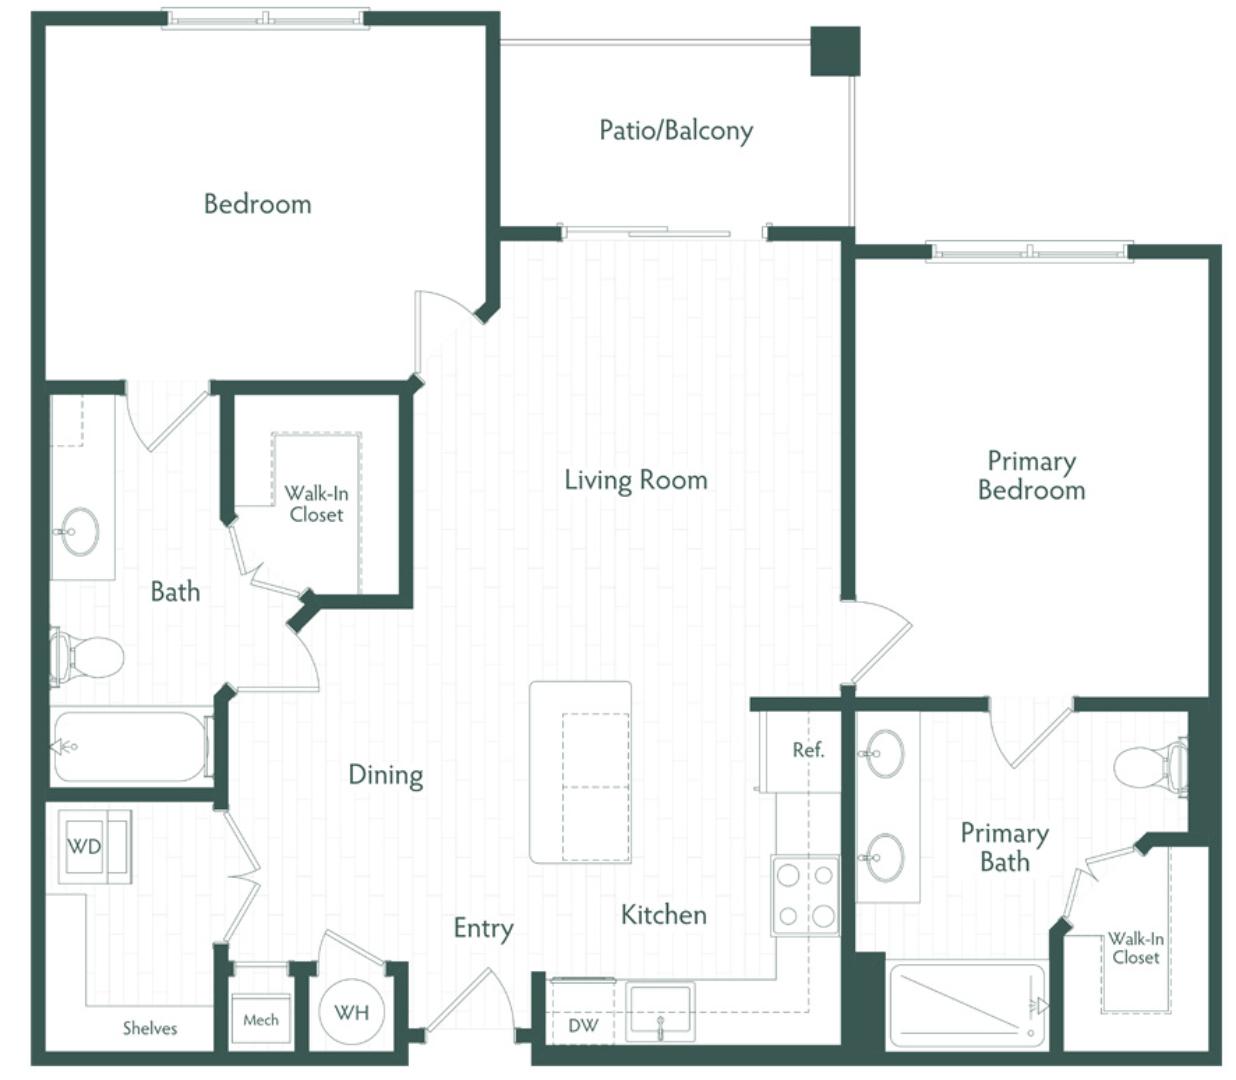 Virtual Tour Floor Plan Image B1